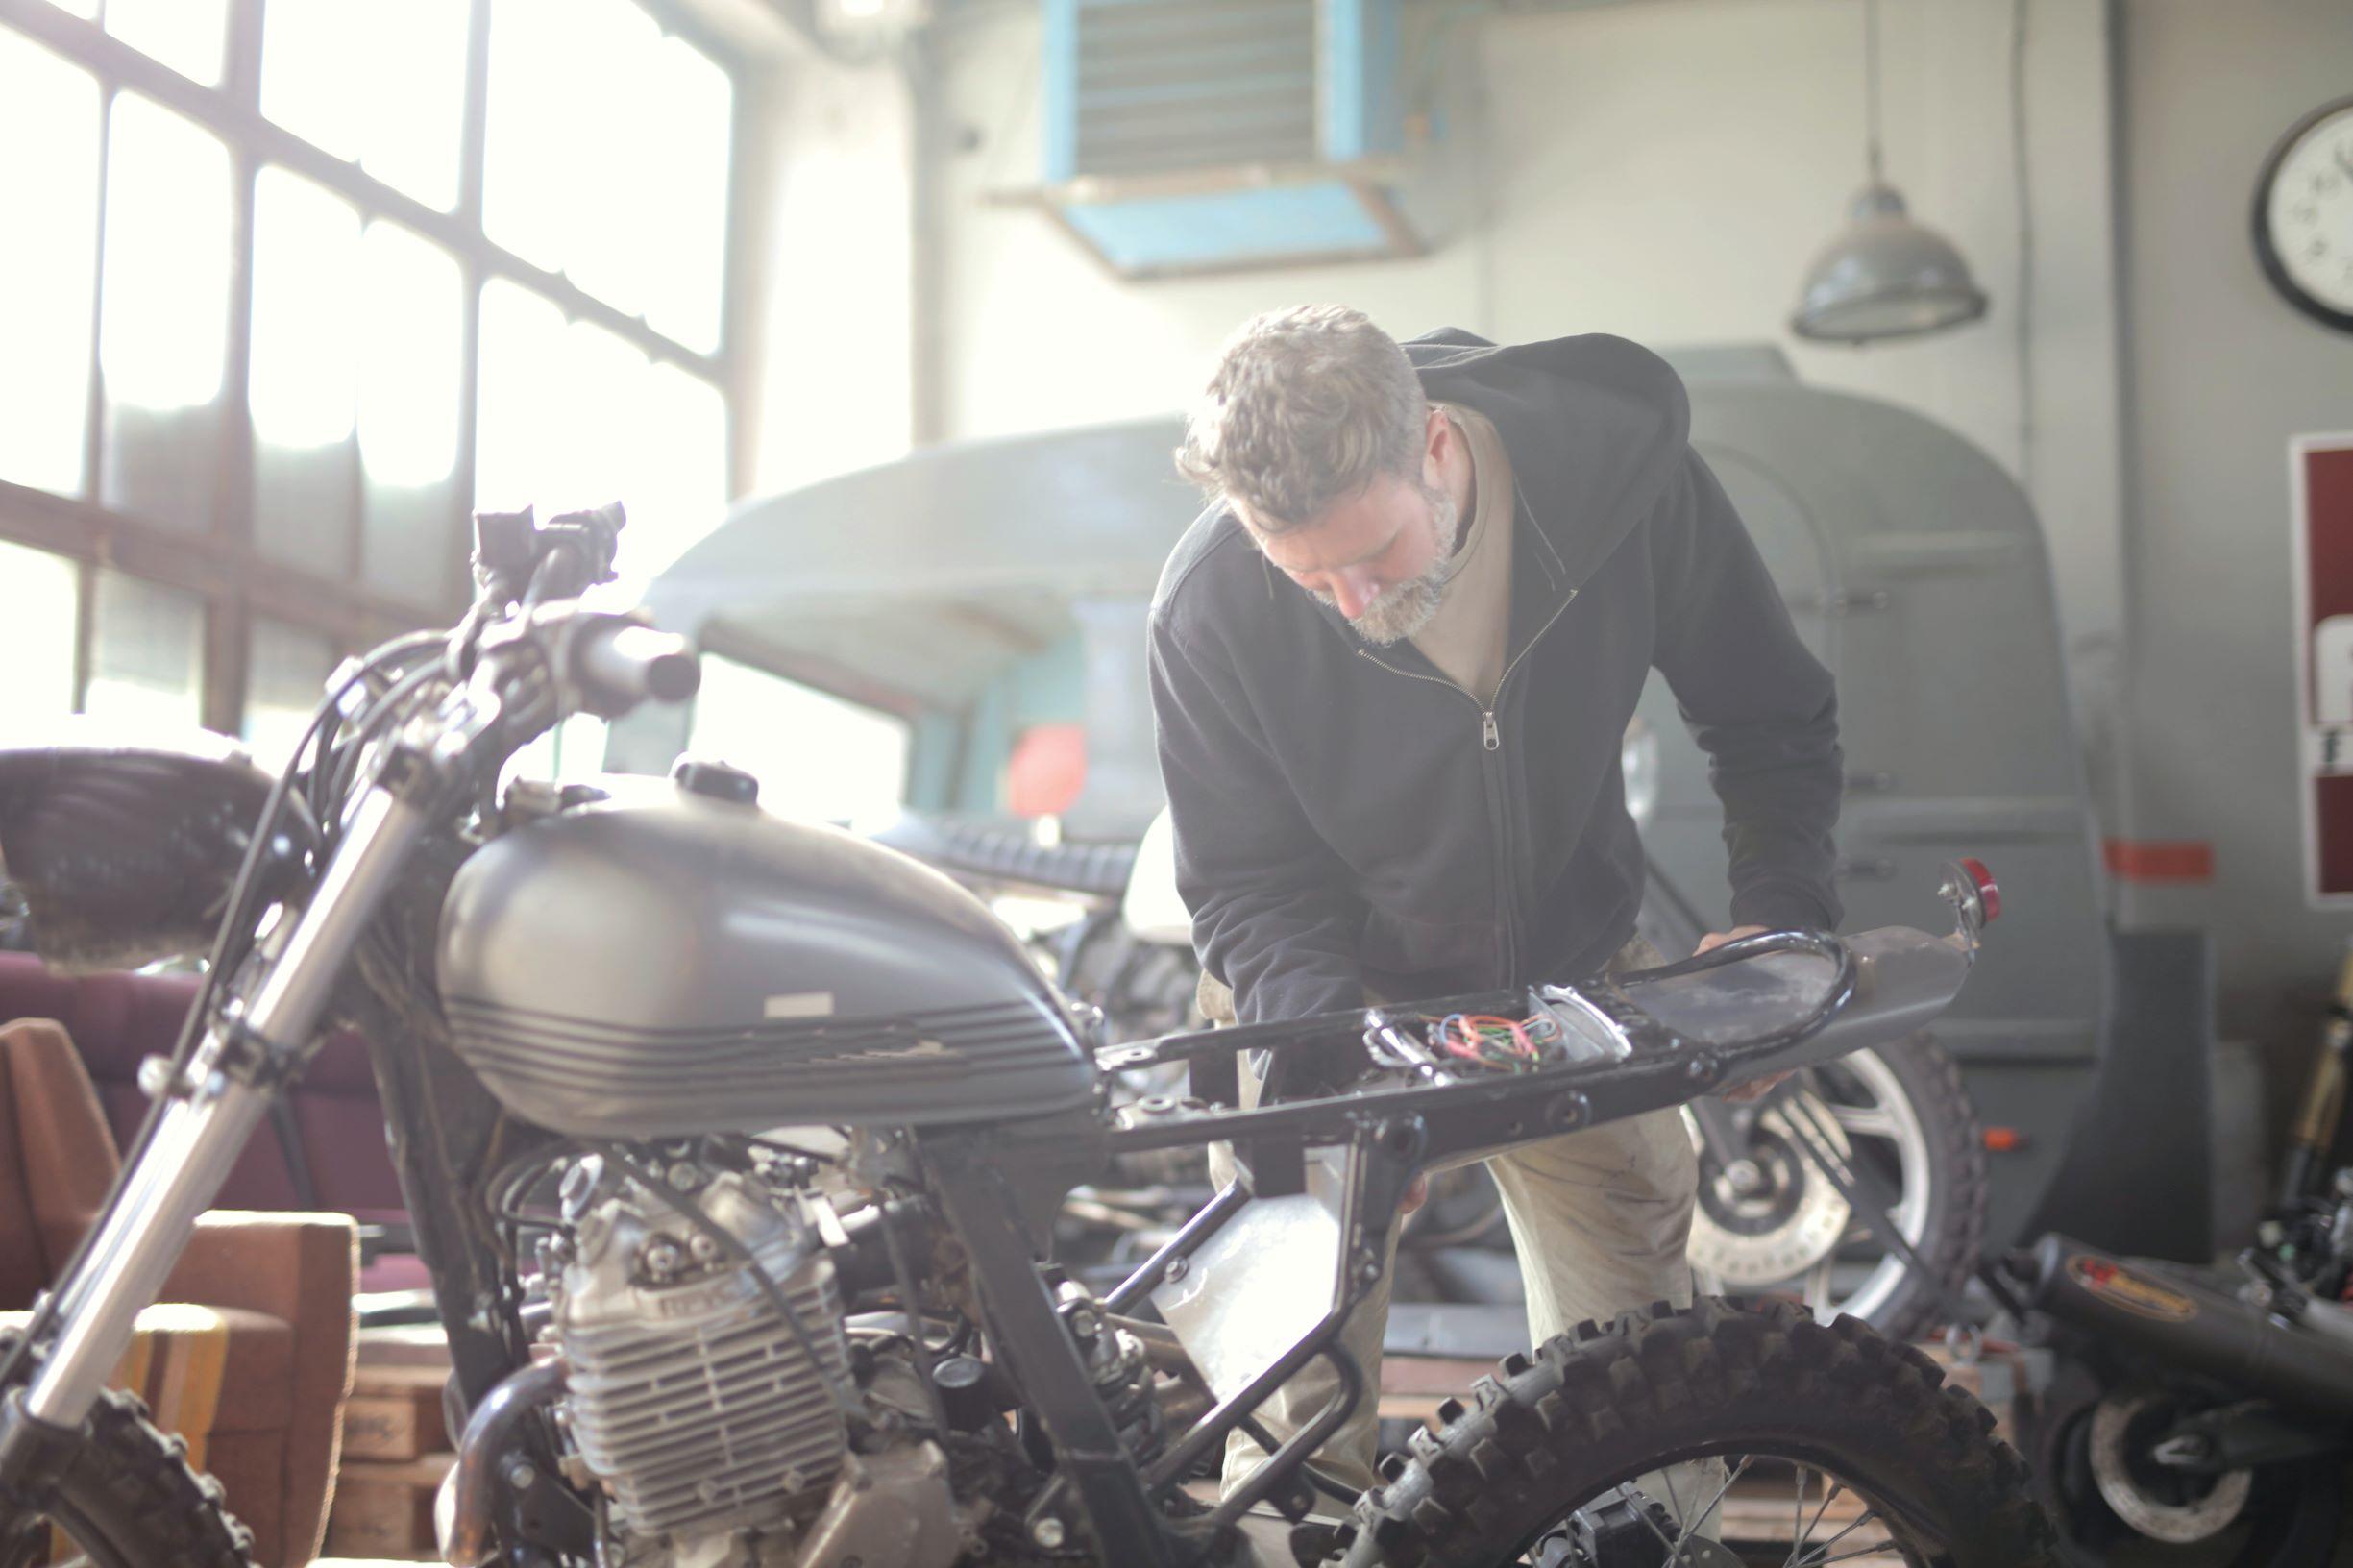 emc huolto oulu moottoripyörä kelkka mönkijä skootteri mopo